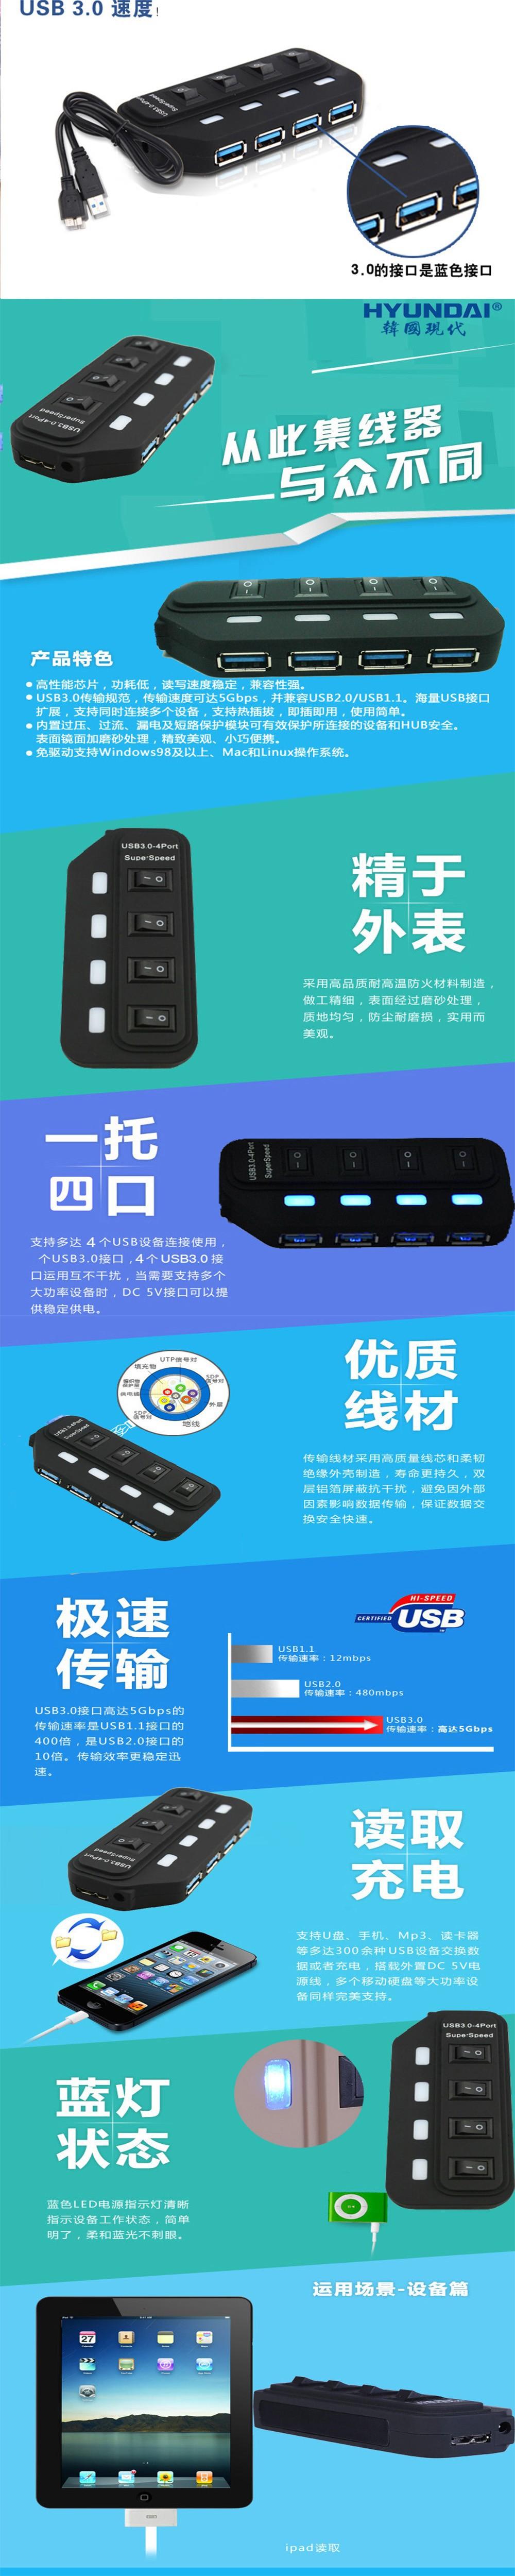 горячая бесплатная доставка новый интерфейс USB 3.0 5 гб/с 4 разъём УСБ хаб для компьютеров / таблетки концентраторы переходник с USB на зарядка + адаптер питания